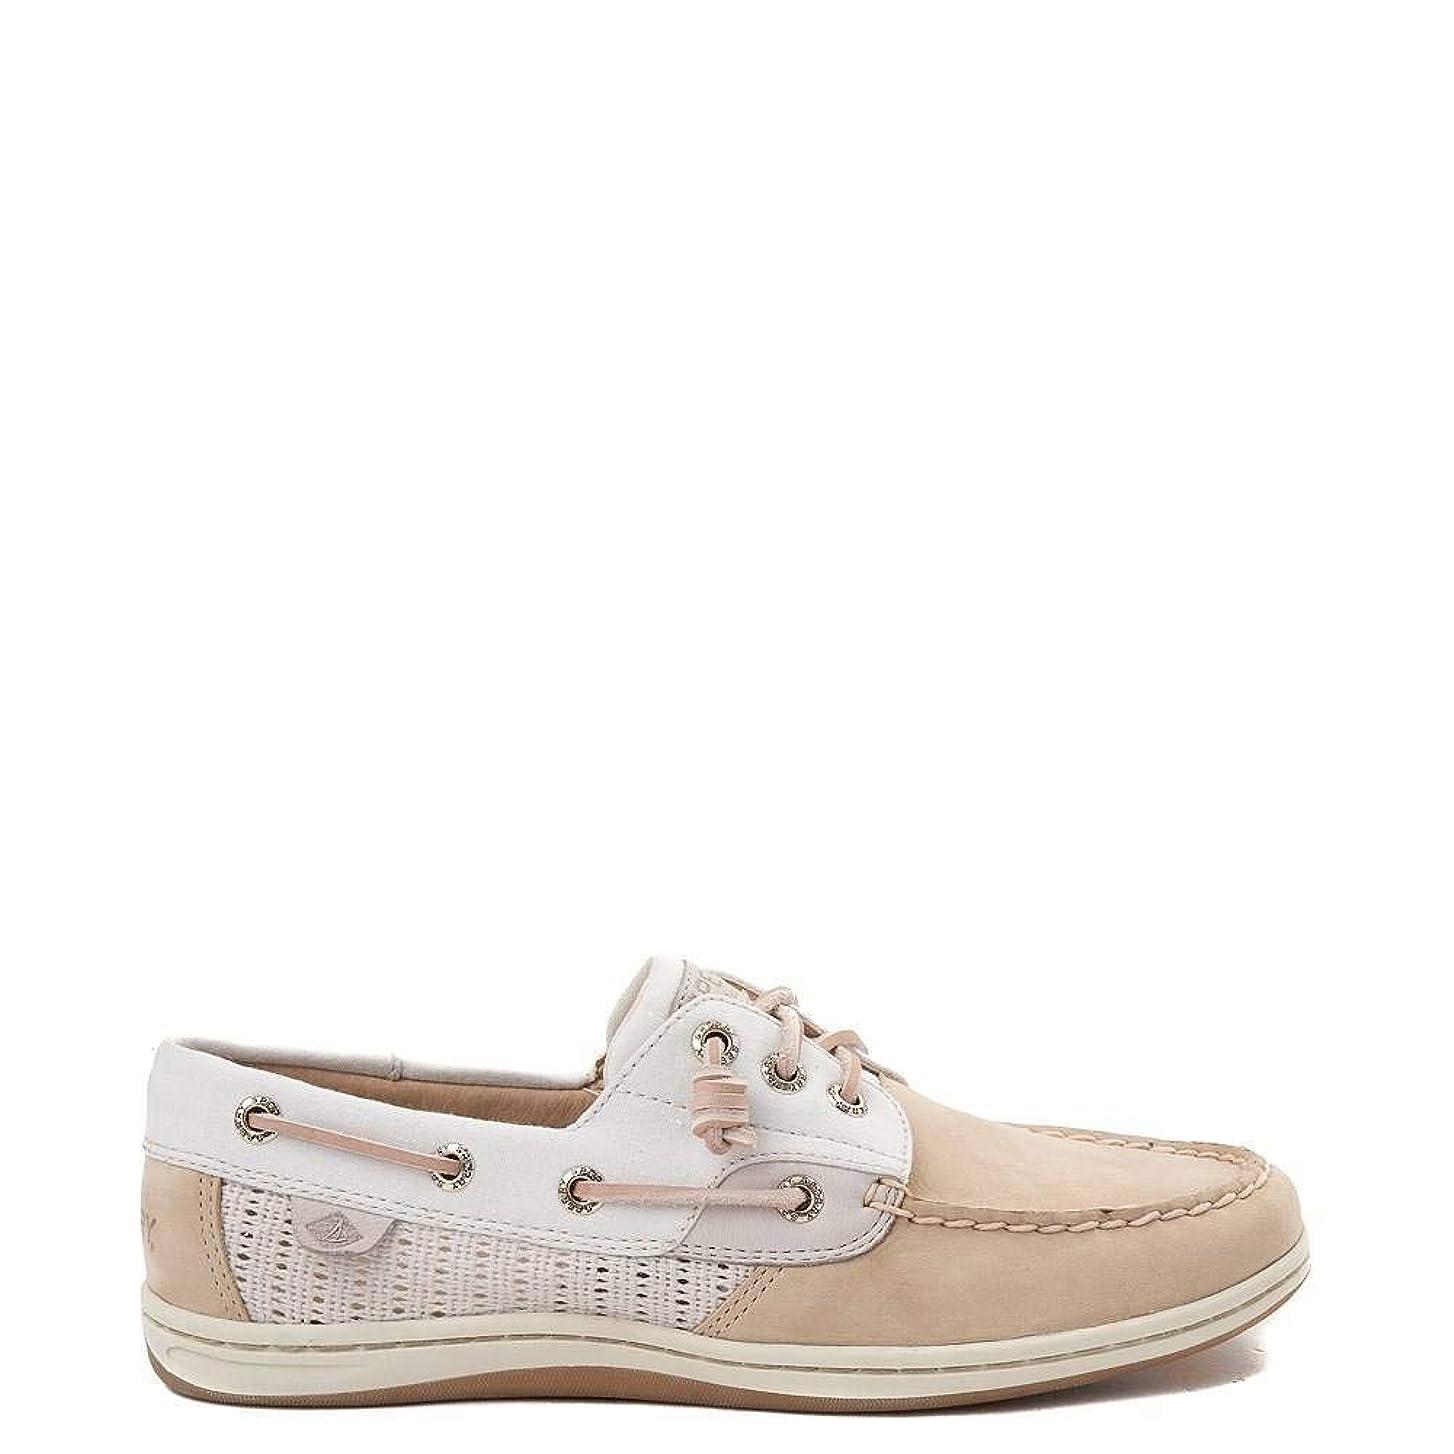 使役マイクロ黒[スペリートップサイダー] [Sperry Top-Sider レディース靴?ボートシューズ Songfish Boat Shoe Linen/Oat リネン/オーツ US 6(23cm) [並行輸入品]